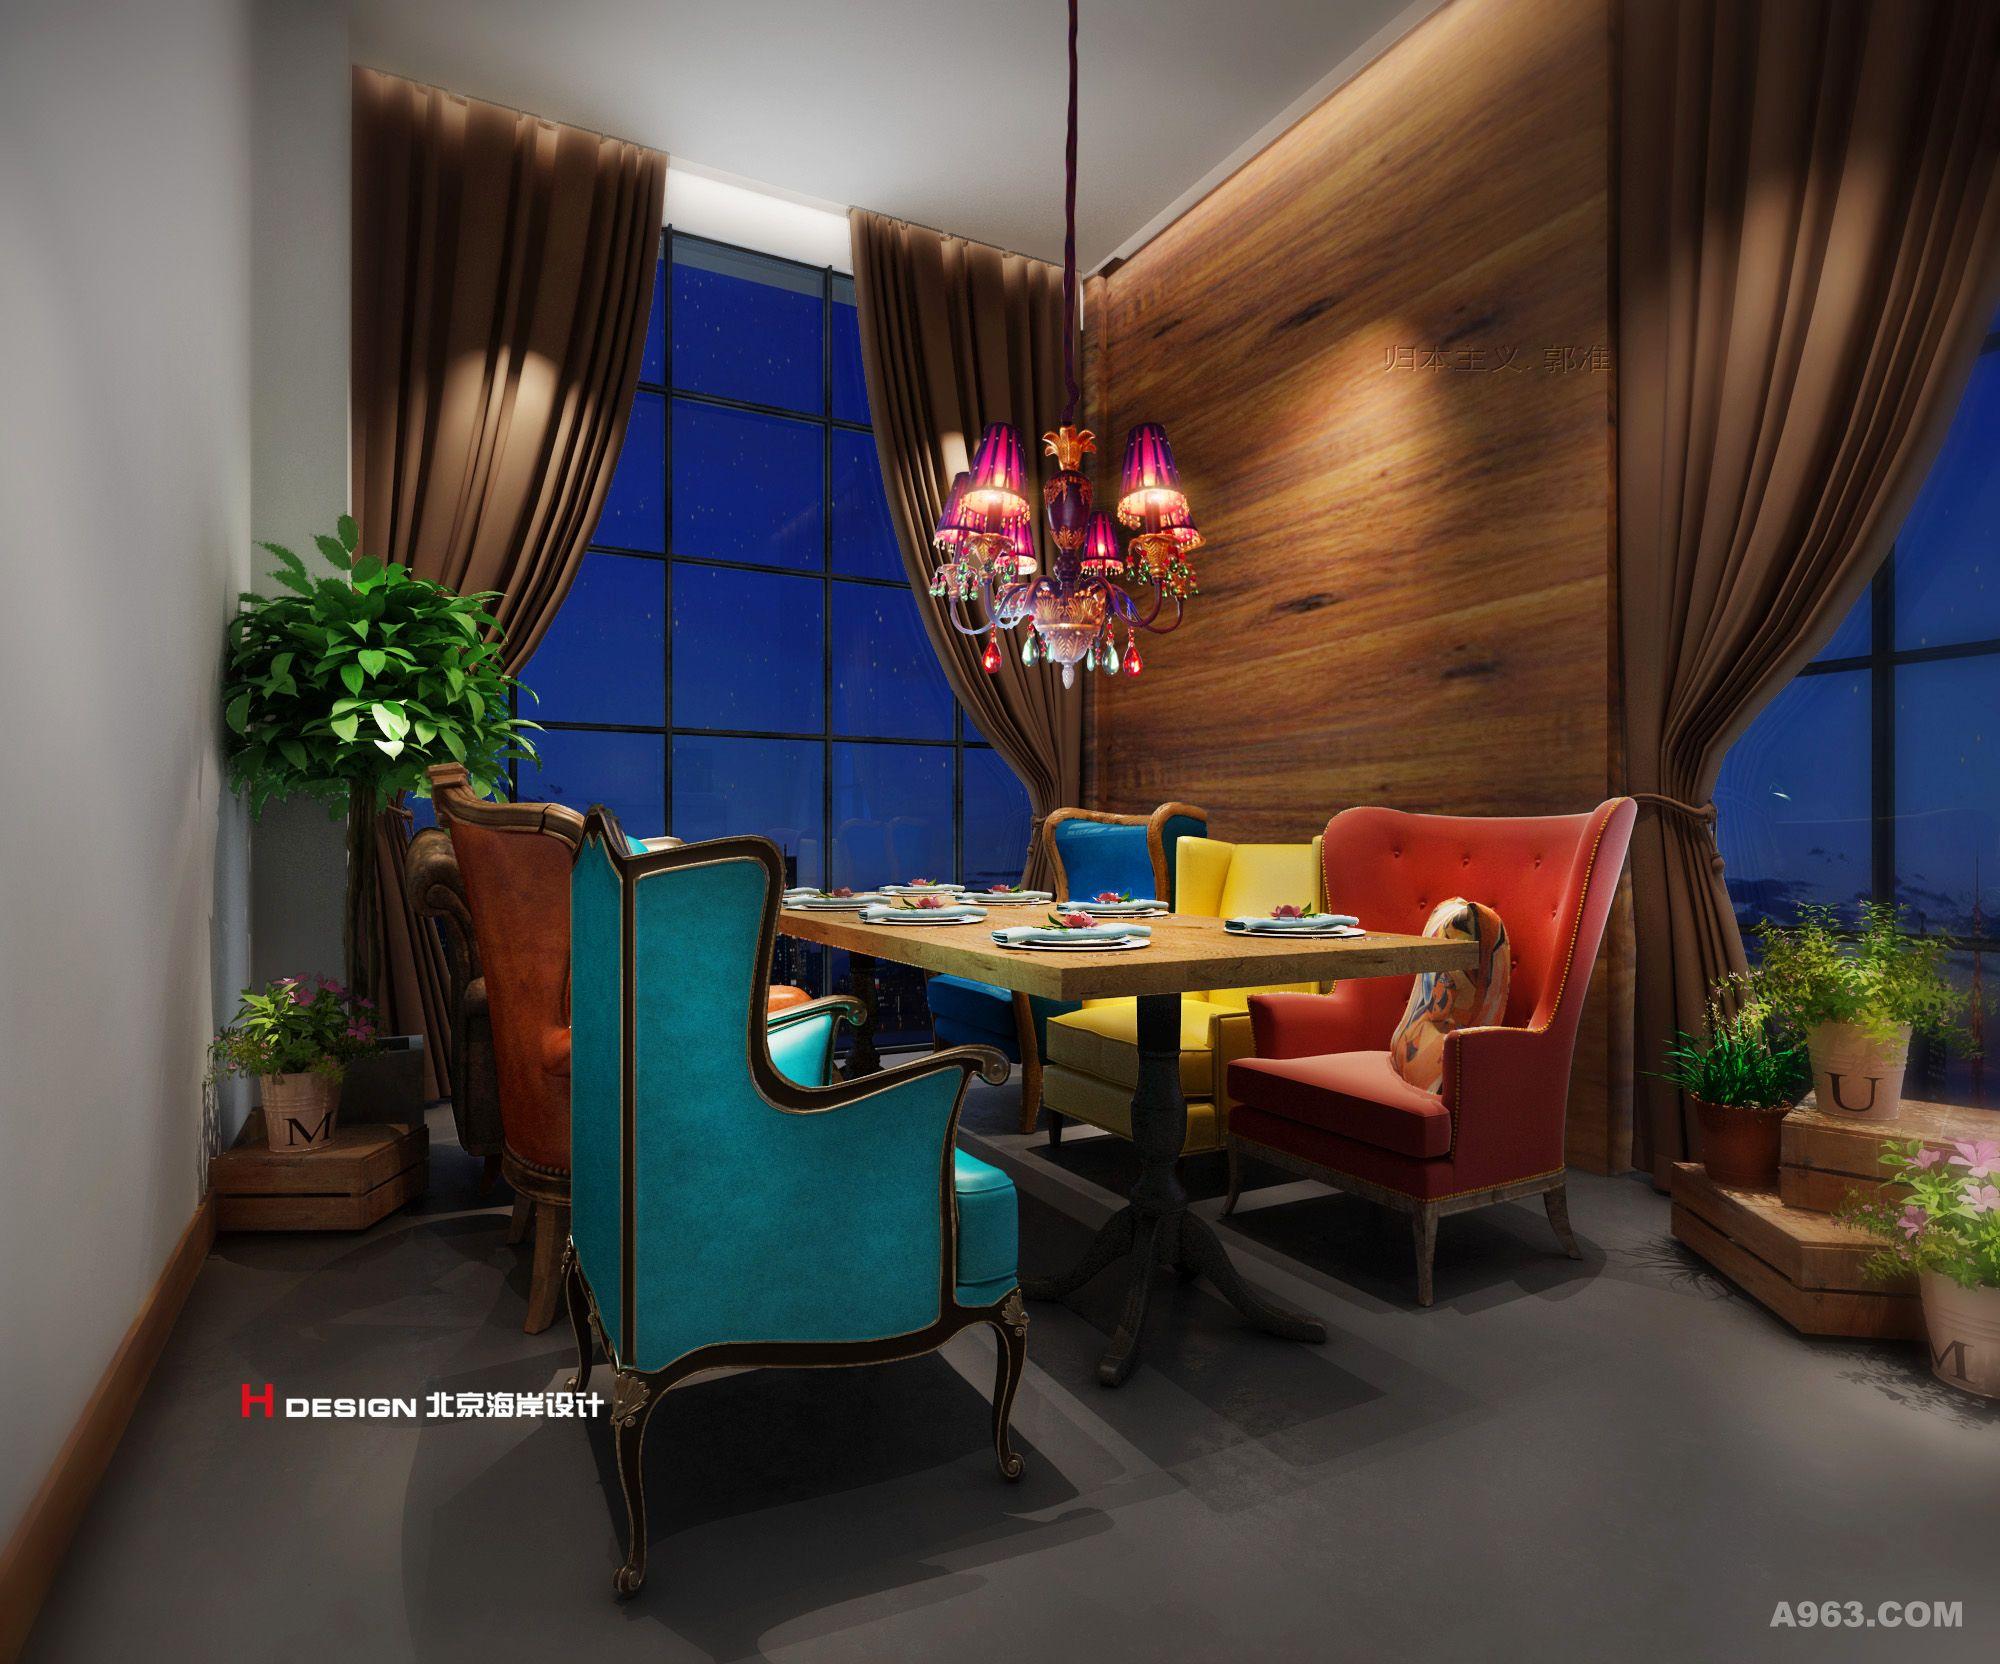 郭准先生笔下的约克音乐西餐厅,采用了虚实结合,疏密相辅的设计